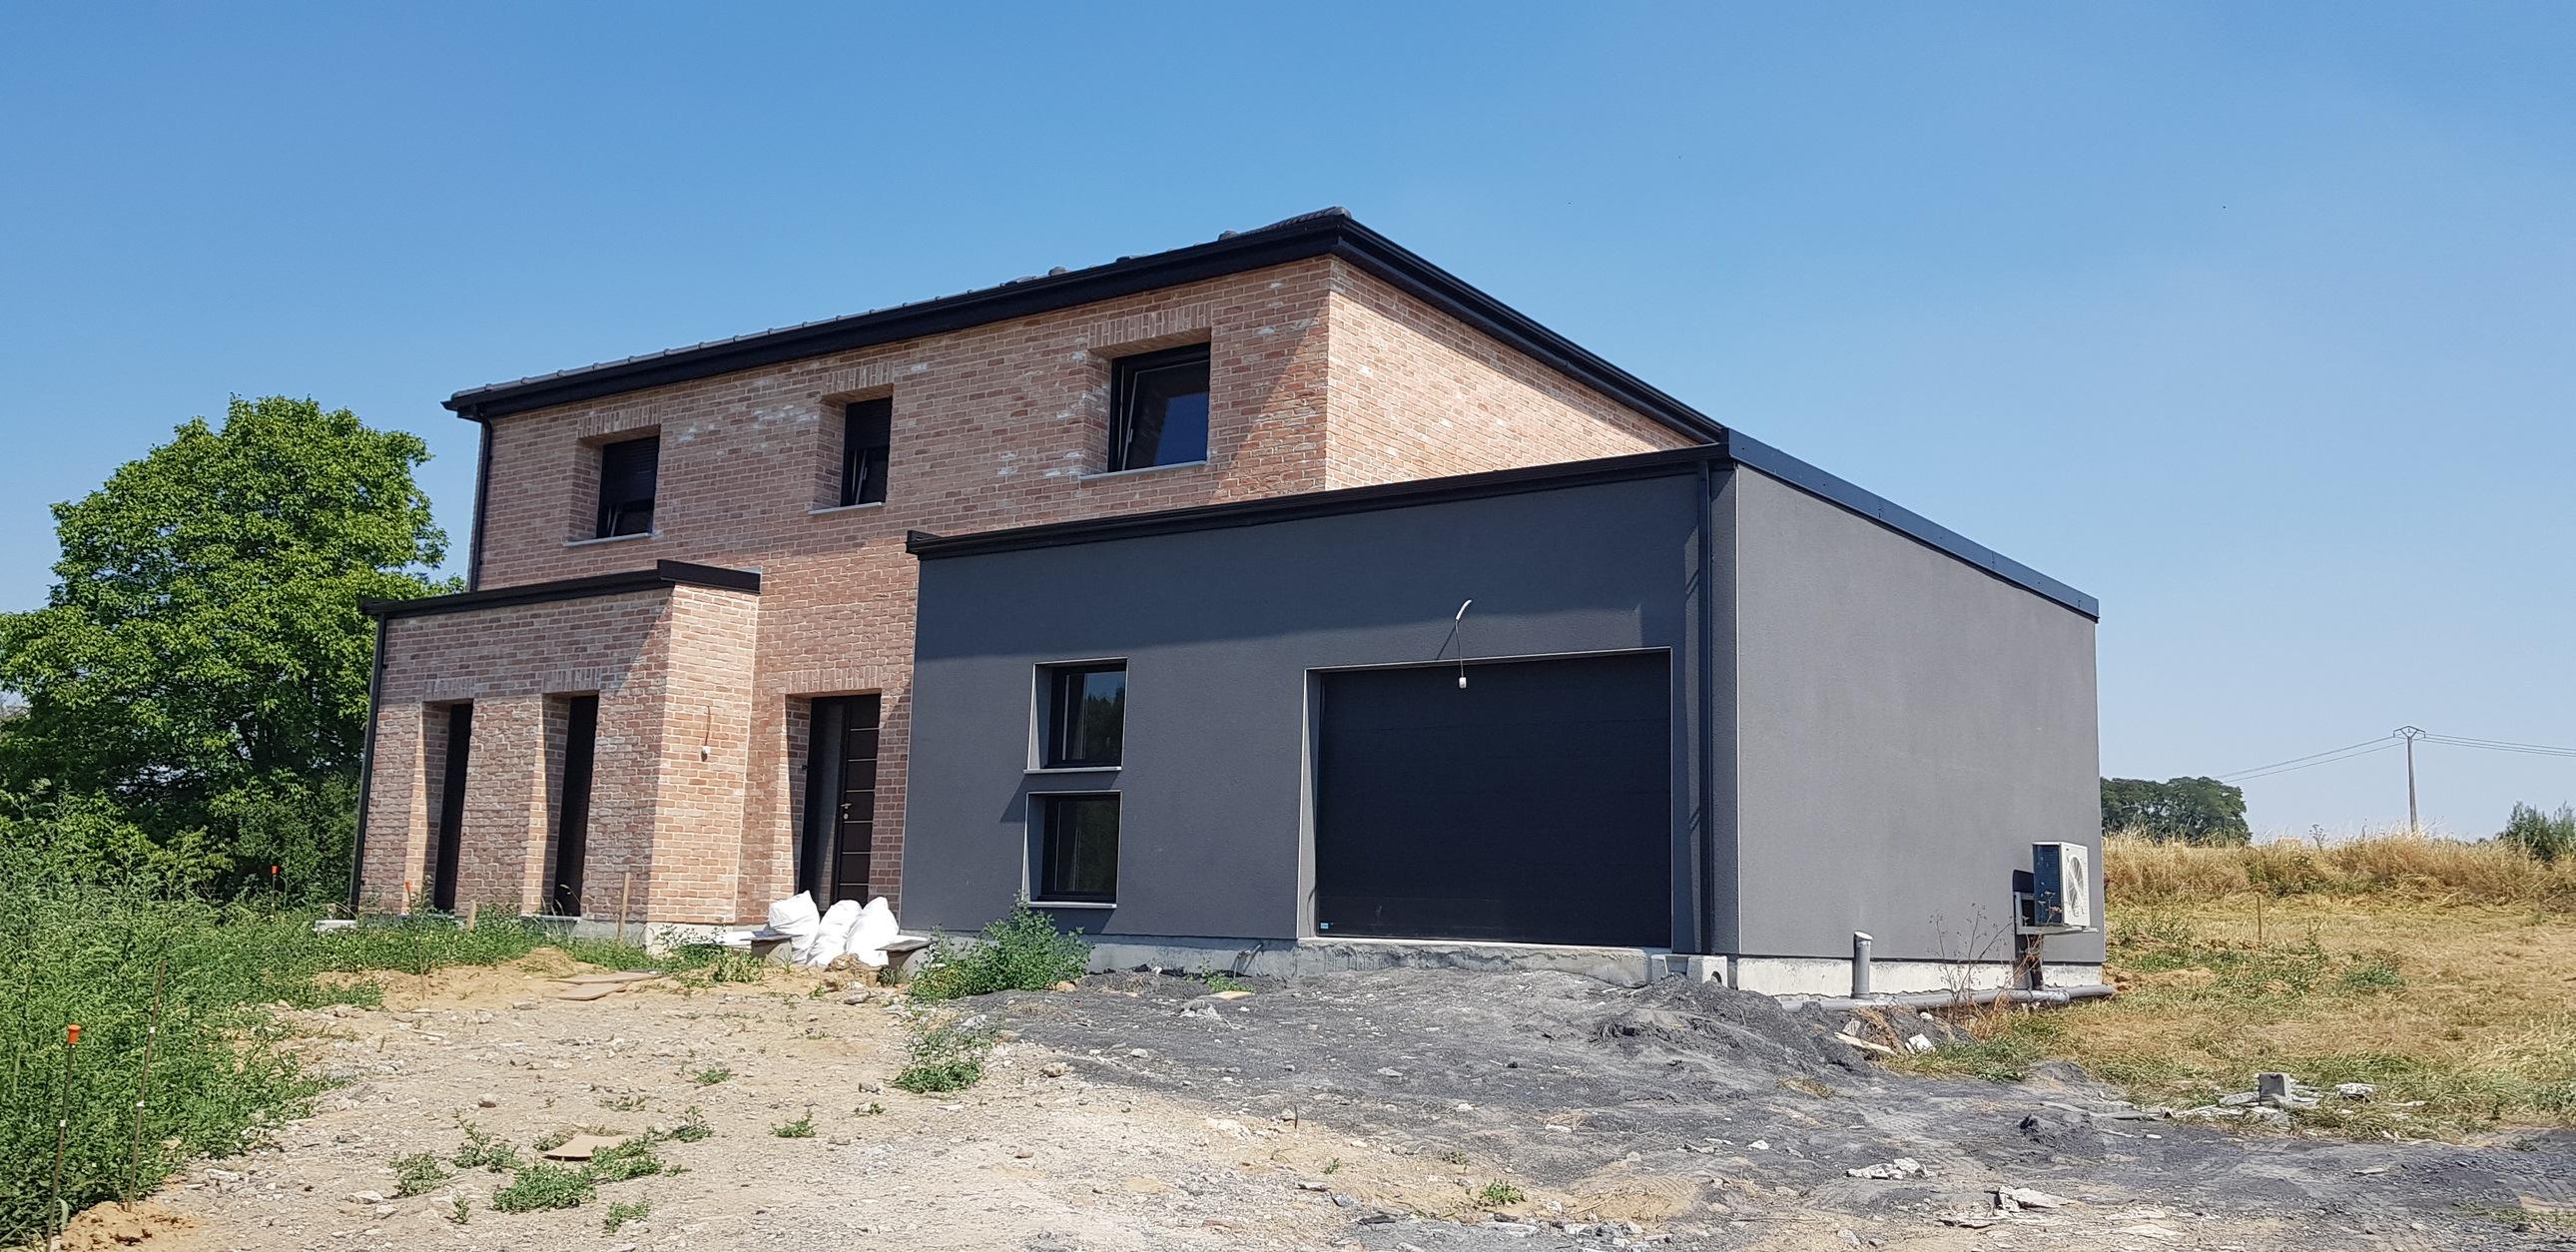 Maisons + Terrains du constructeur Maison Familiale-59121-PROUVY • 131 m² • CAMBRAI